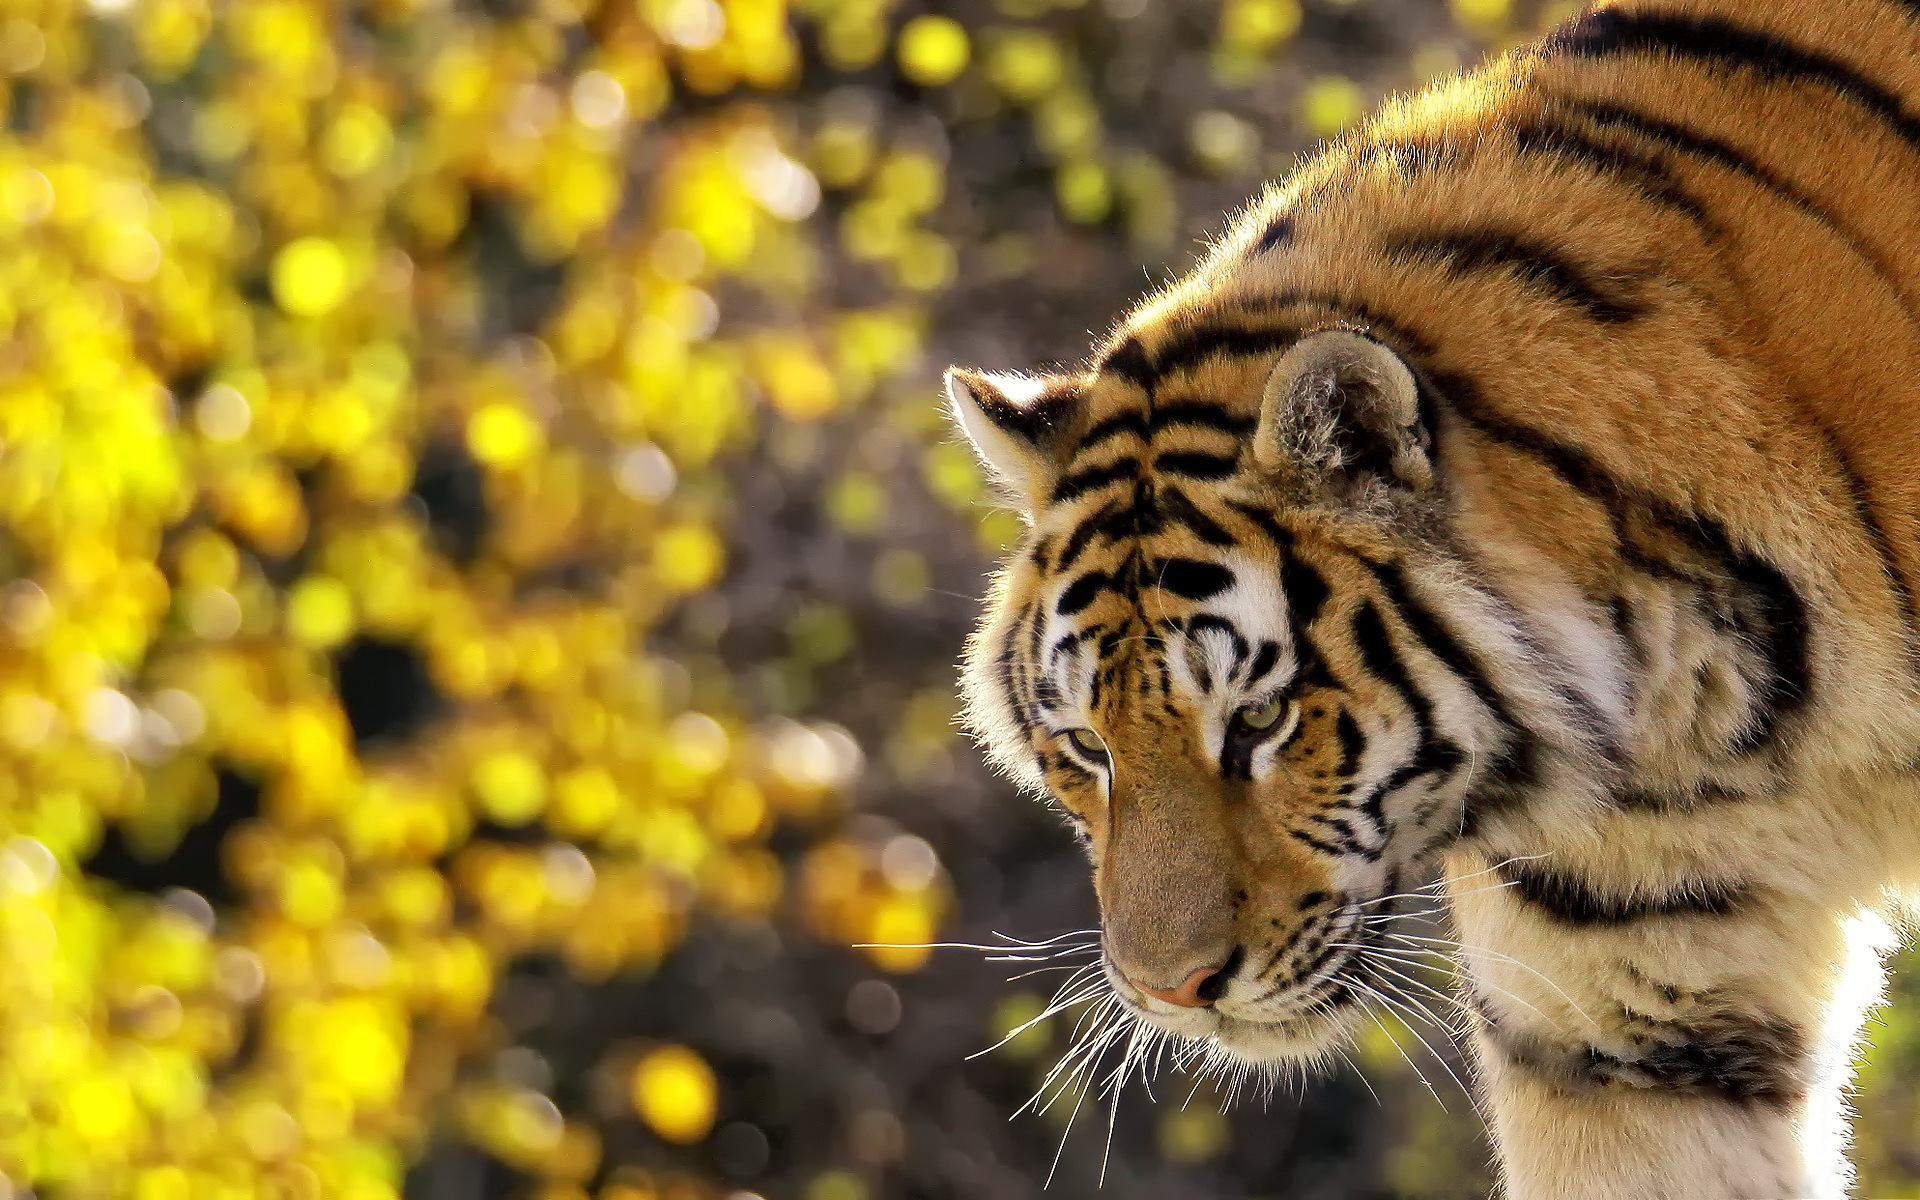 Lovely Tiger Wallpaper